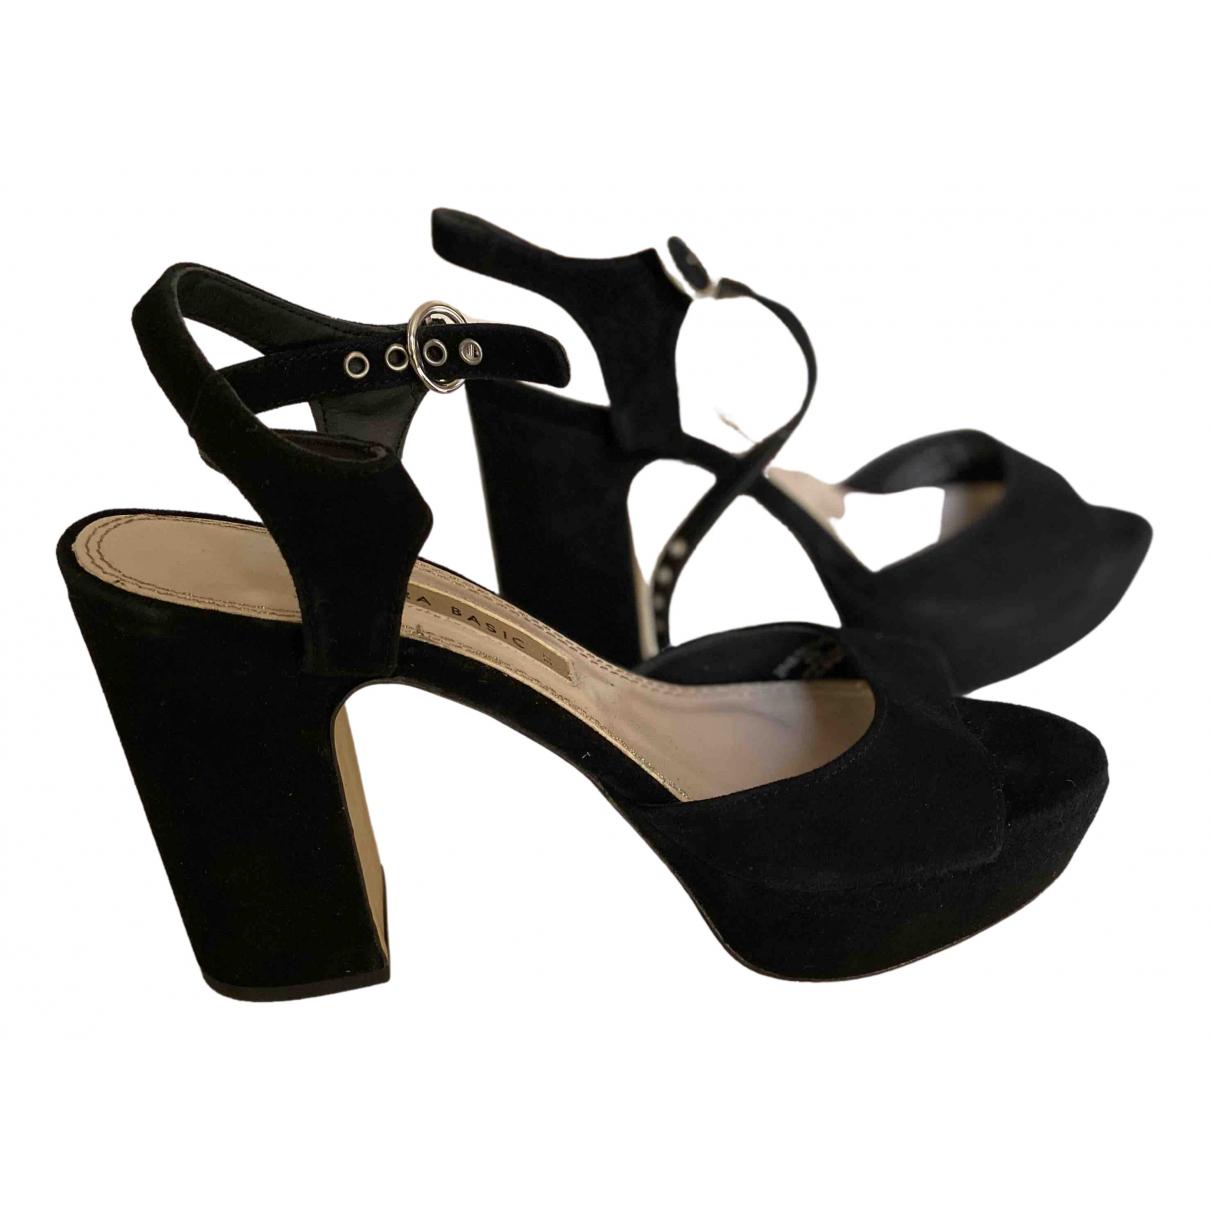 Sandalias de Pelo sintetico Zara